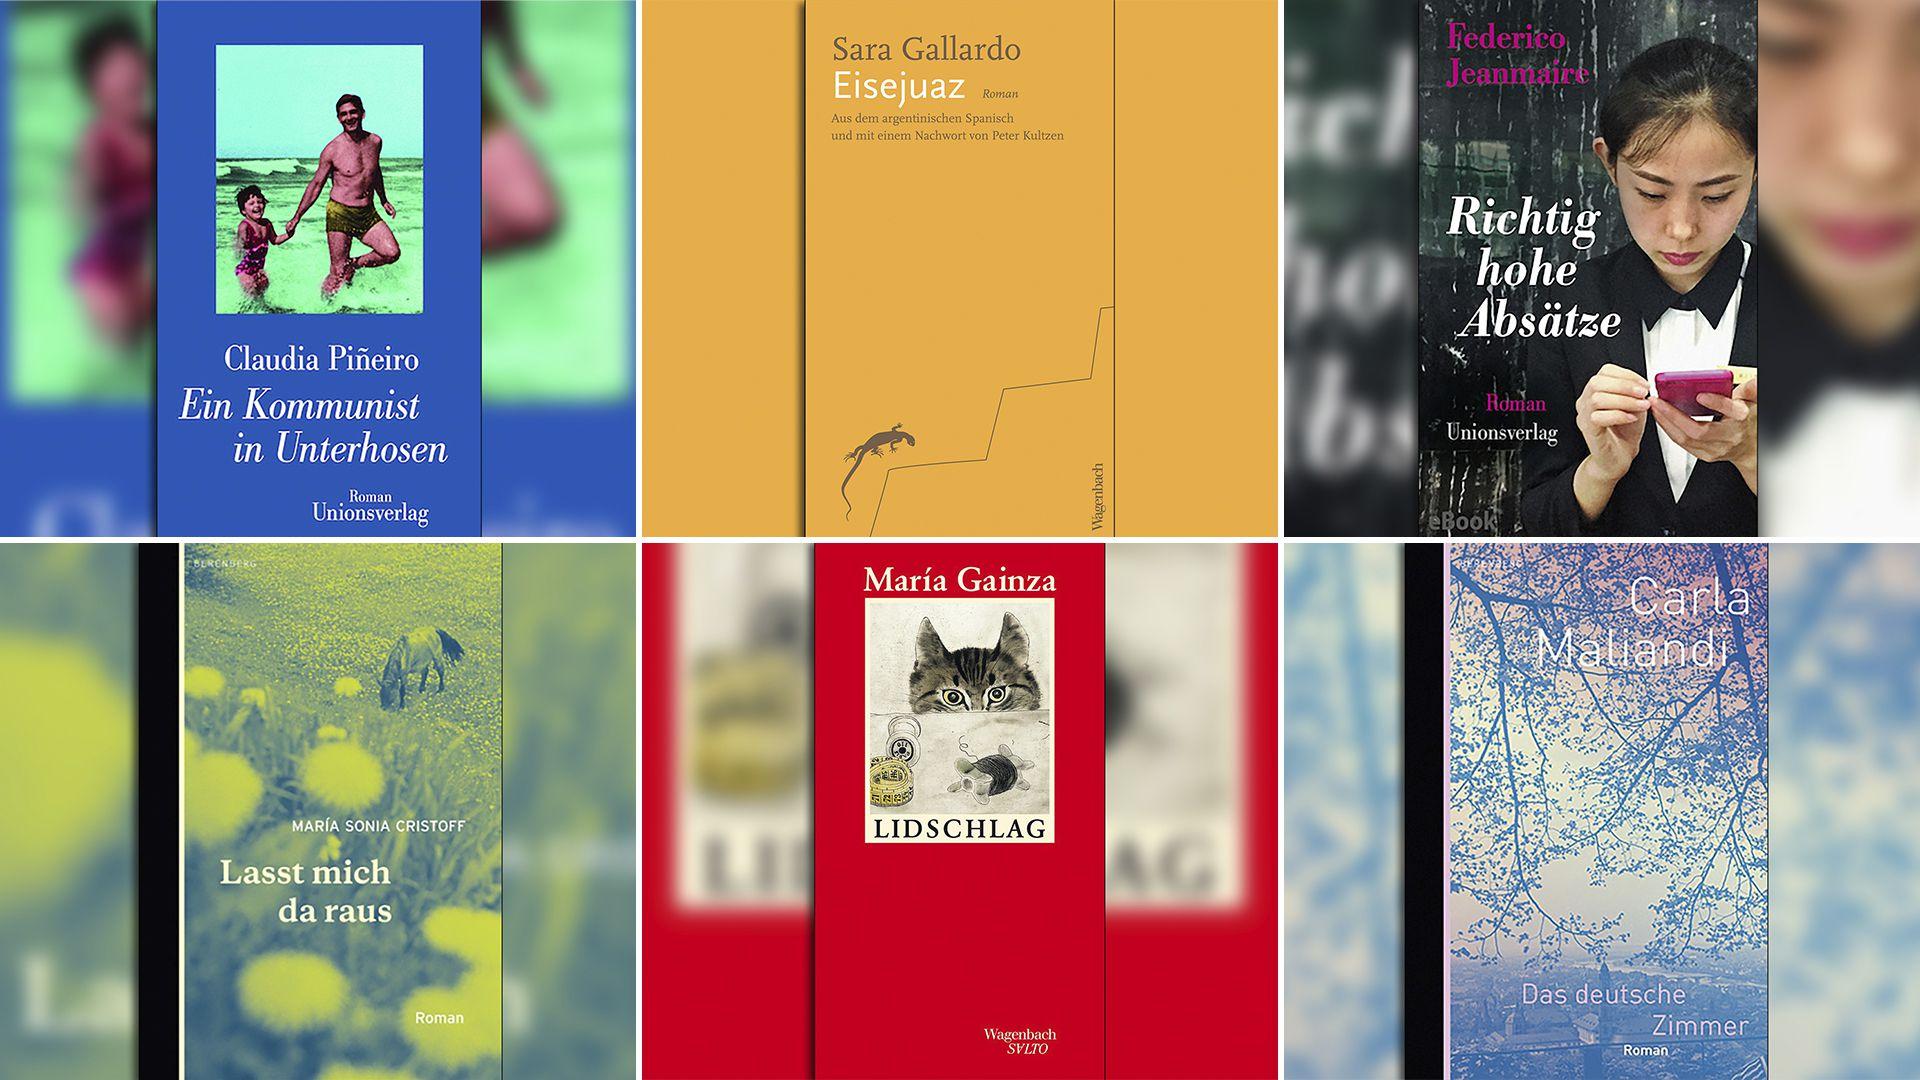 Algunos de los autores traducidos por el alemán Peter Kultzen